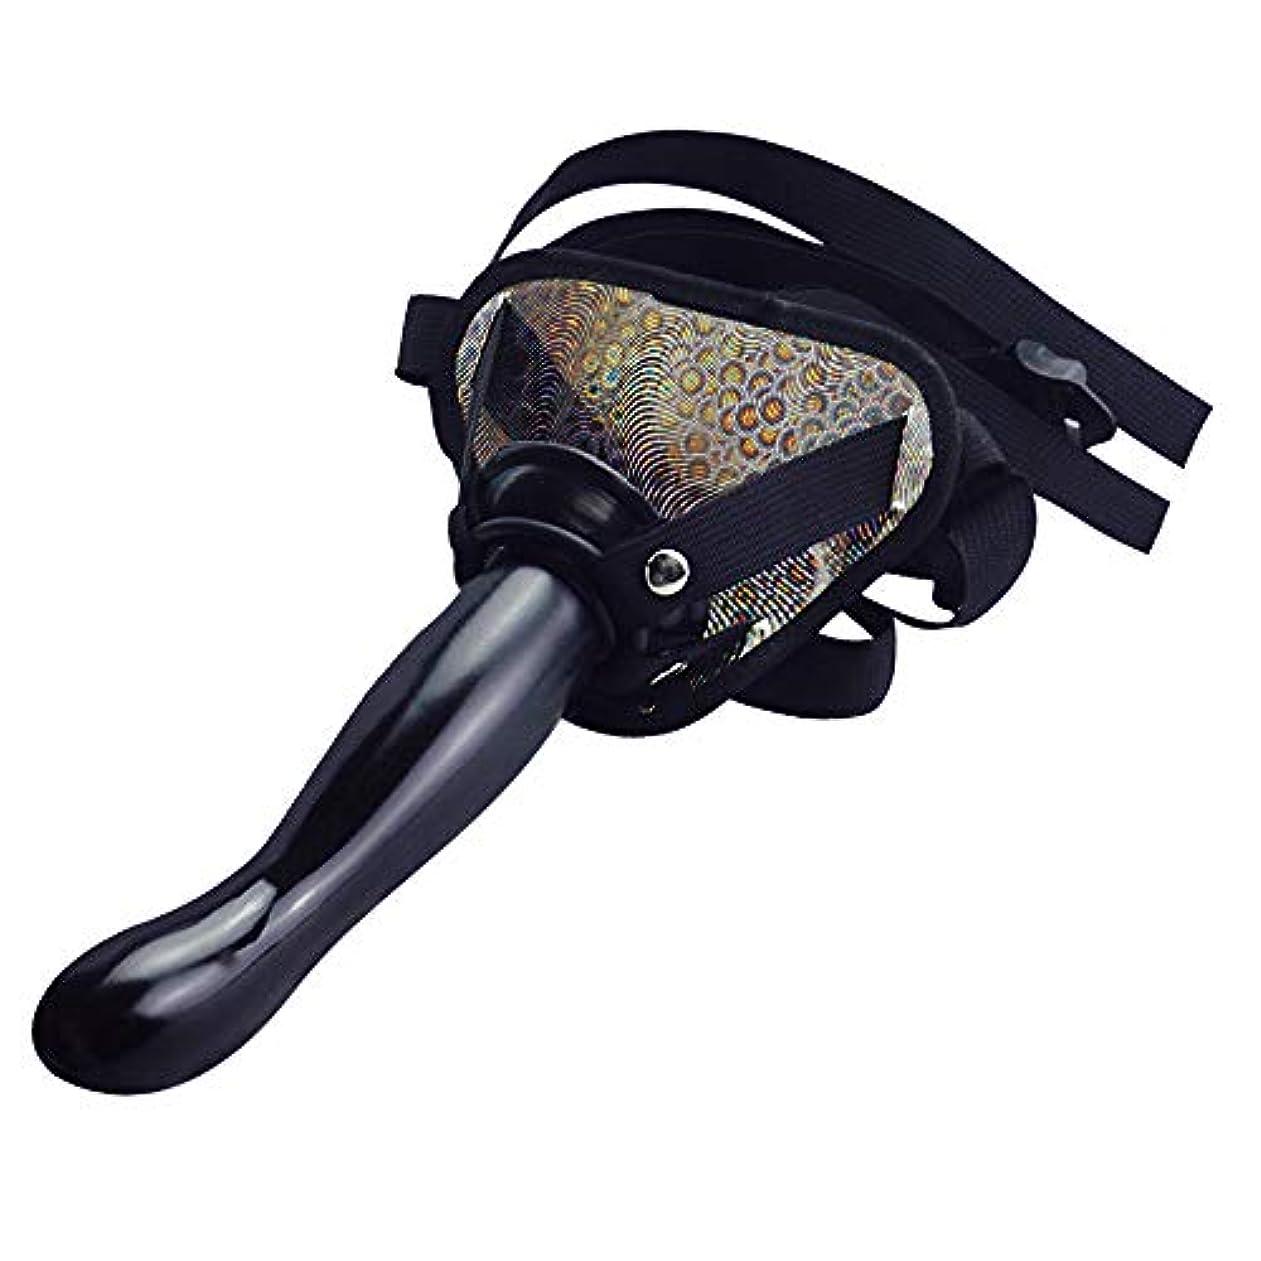 墓地古代輪郭調節可能な摩耗とリラクゼーションレバー、柔らかくて大きなツール-黒-fanfuwuchang11.20